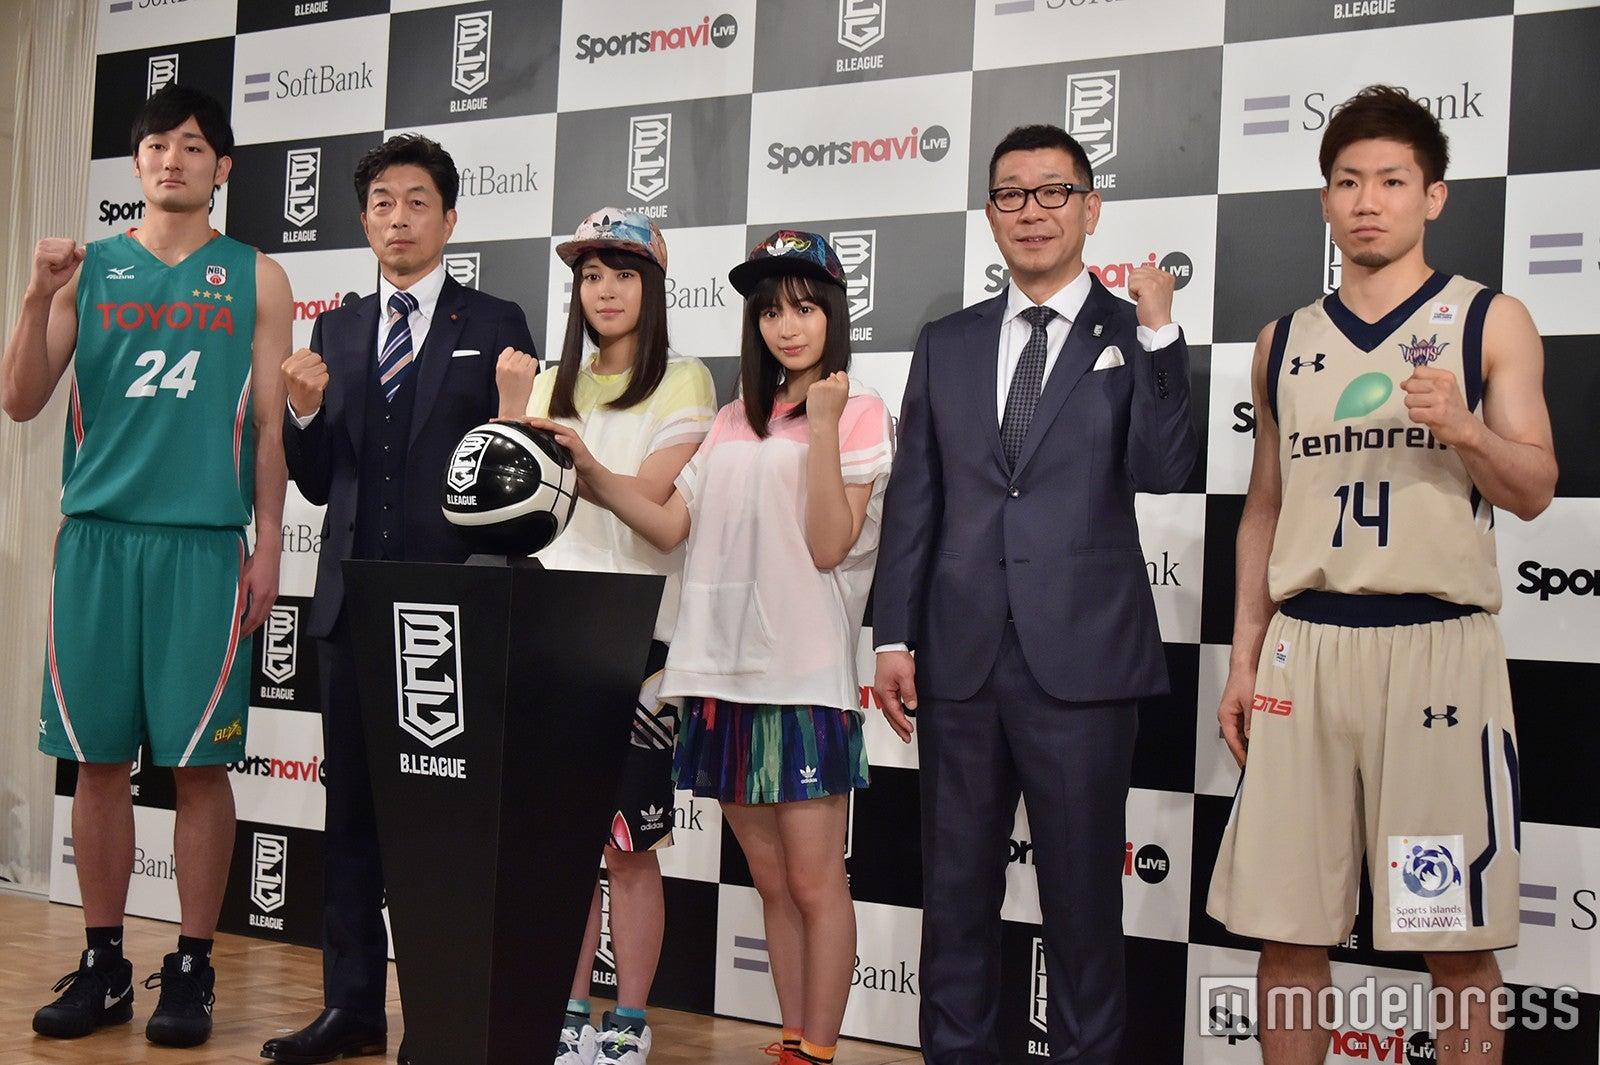 左から)田中大貴選手、中村雅俊、広瀬アリス、広瀬すず